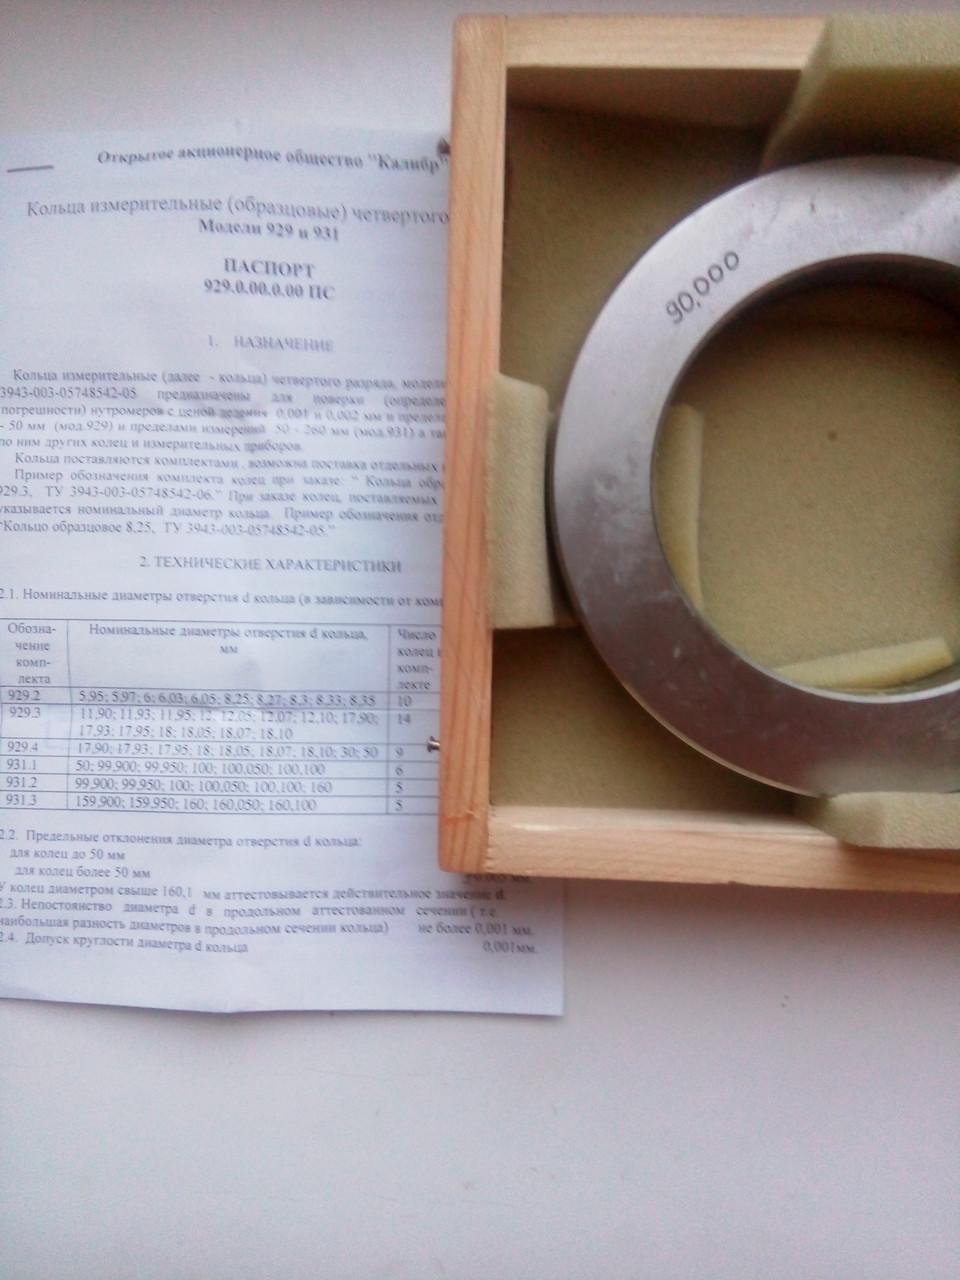 Кольца измерительные образцовые 90 мм мод. 929.4 и 931.1 (з-д Калибр) 4 разряд,возможна калибровка в УкрЦСМ